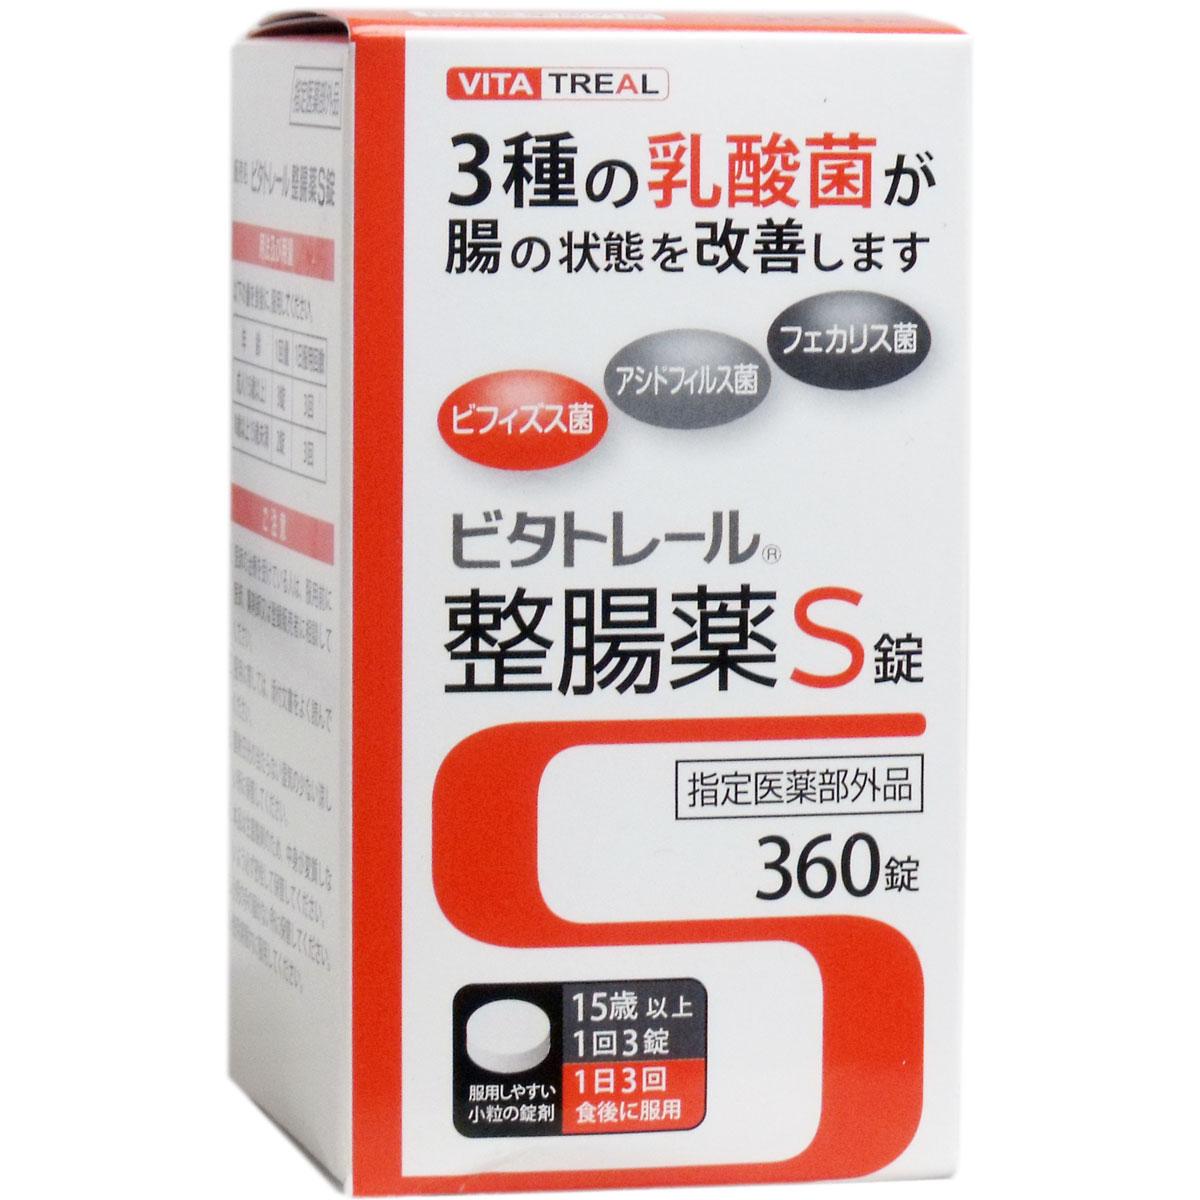 【訳アリ】ビタトレール 整腸薬S錠 360錠